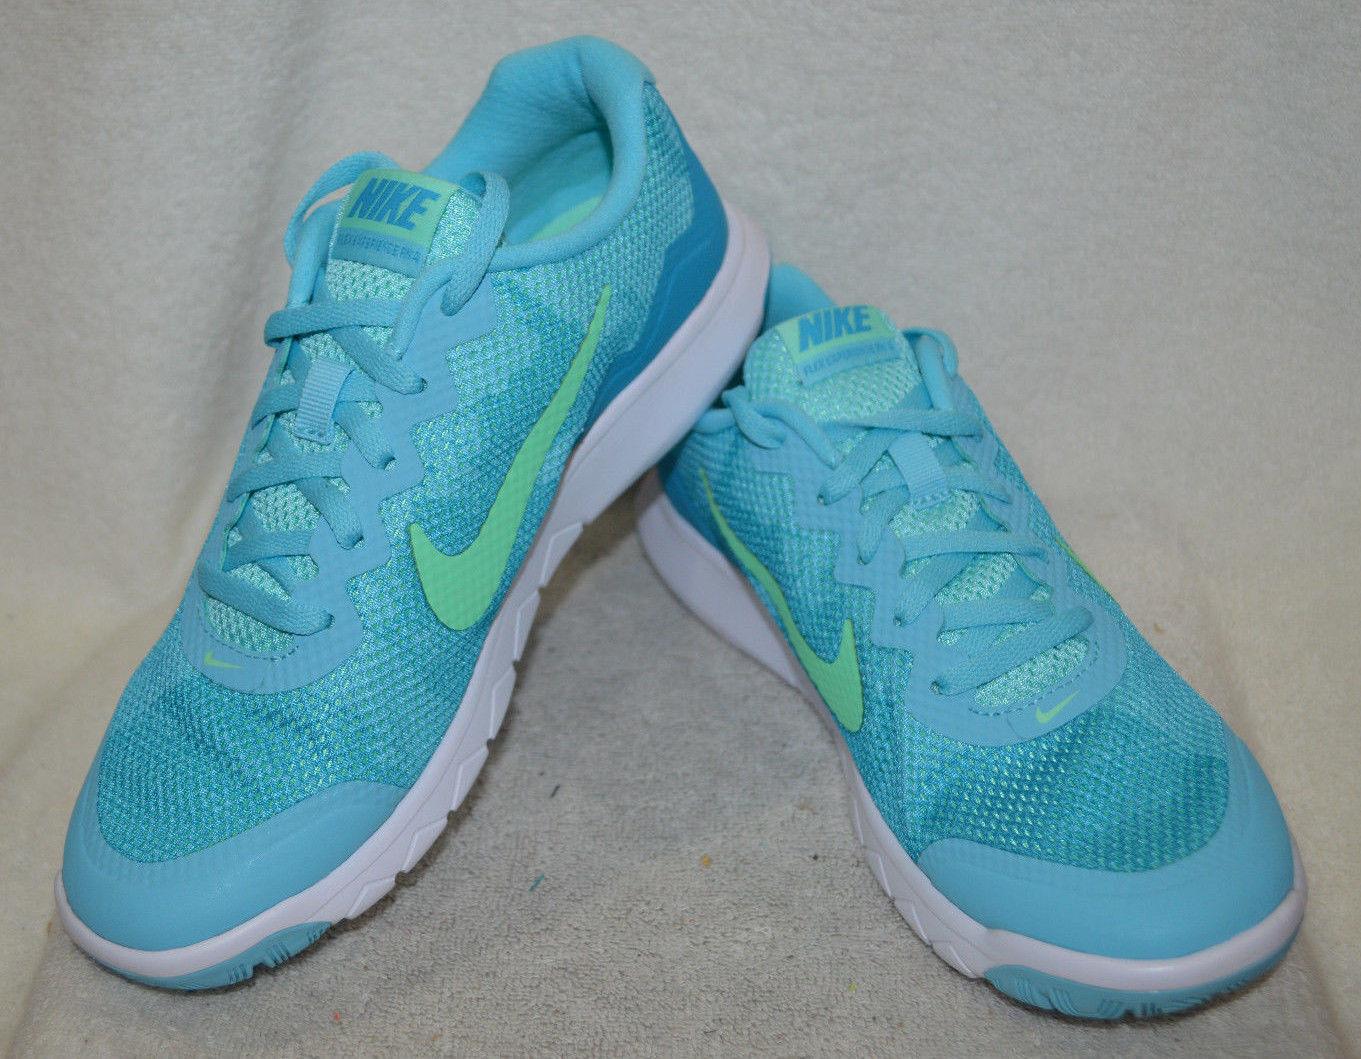 Nike frauen flex erfahrung geführte 4 premium - blau / blow / w - laufschuhe asst größen